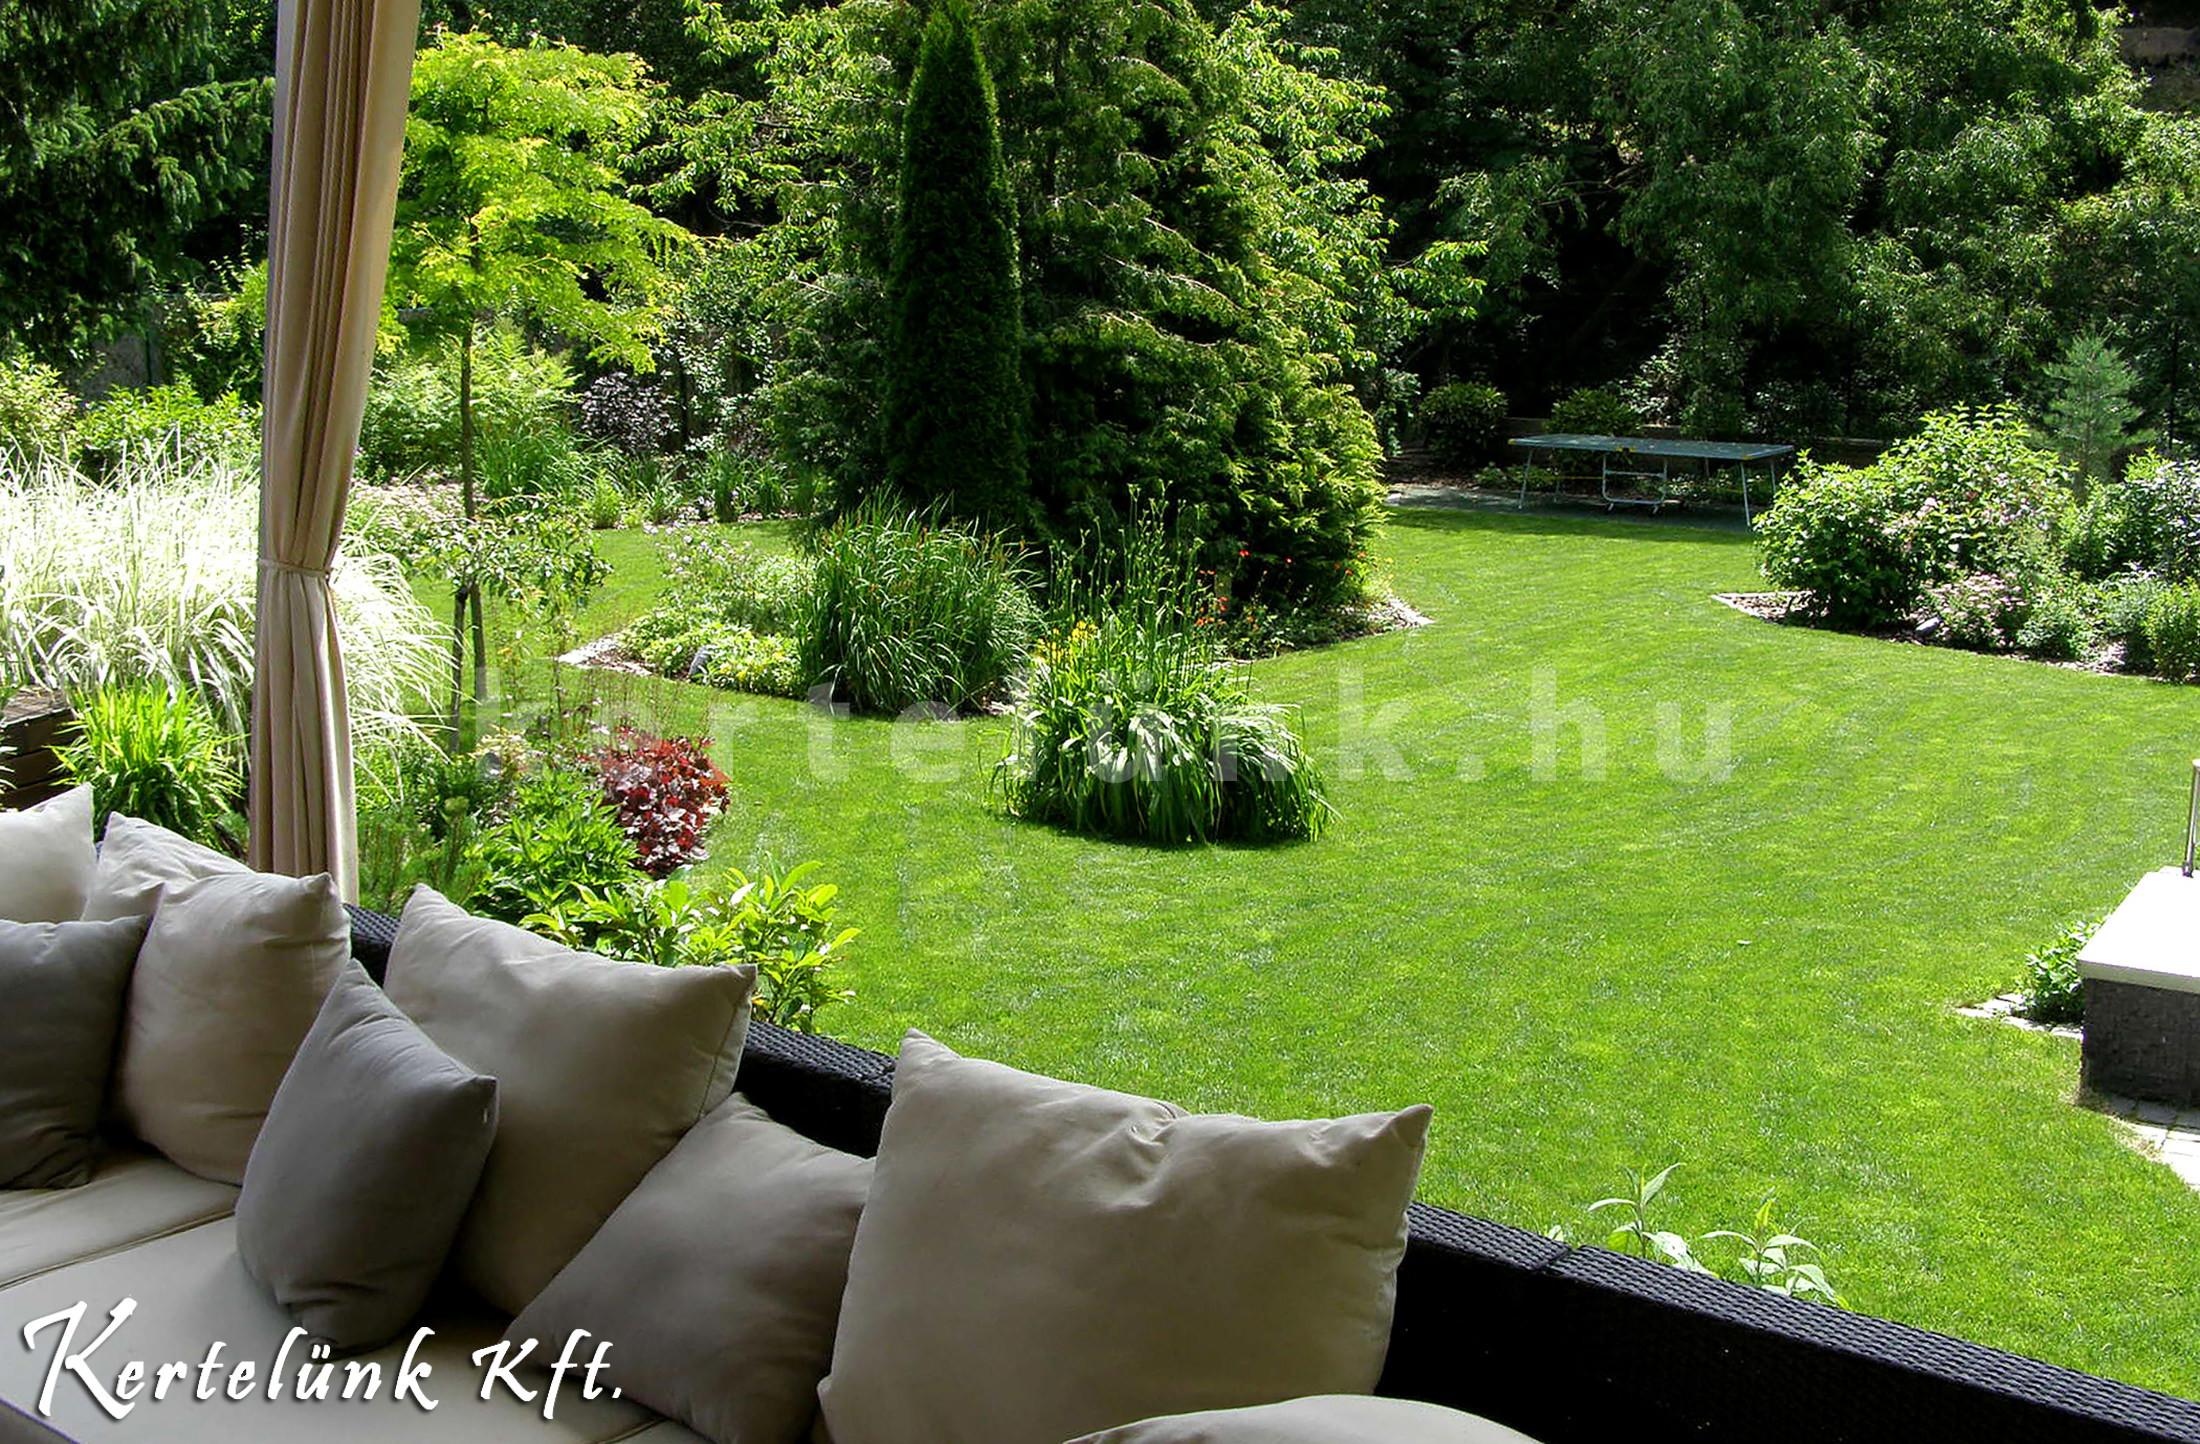 Minden üde és zöld. Így dolgozik egy profi kertész.